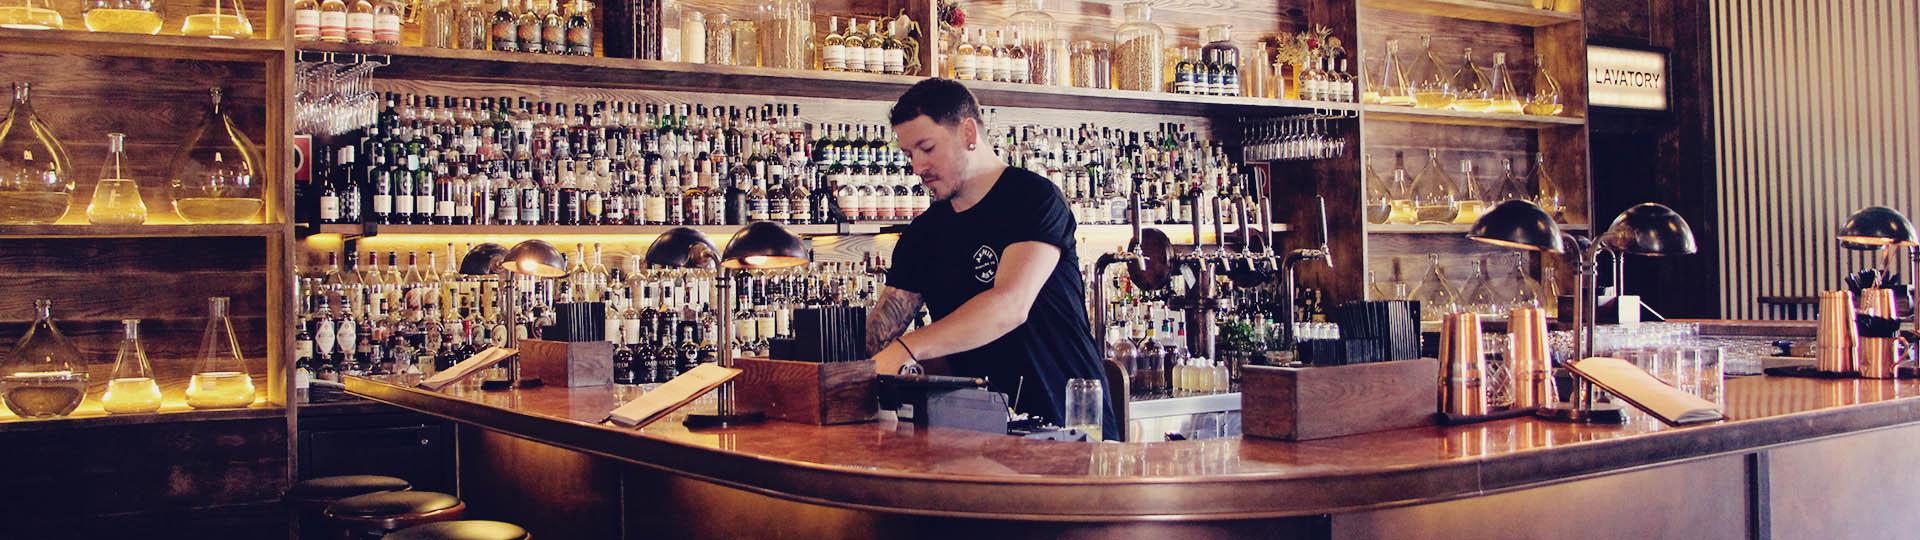 Os melhores bares de Sydney, Austrália - 03